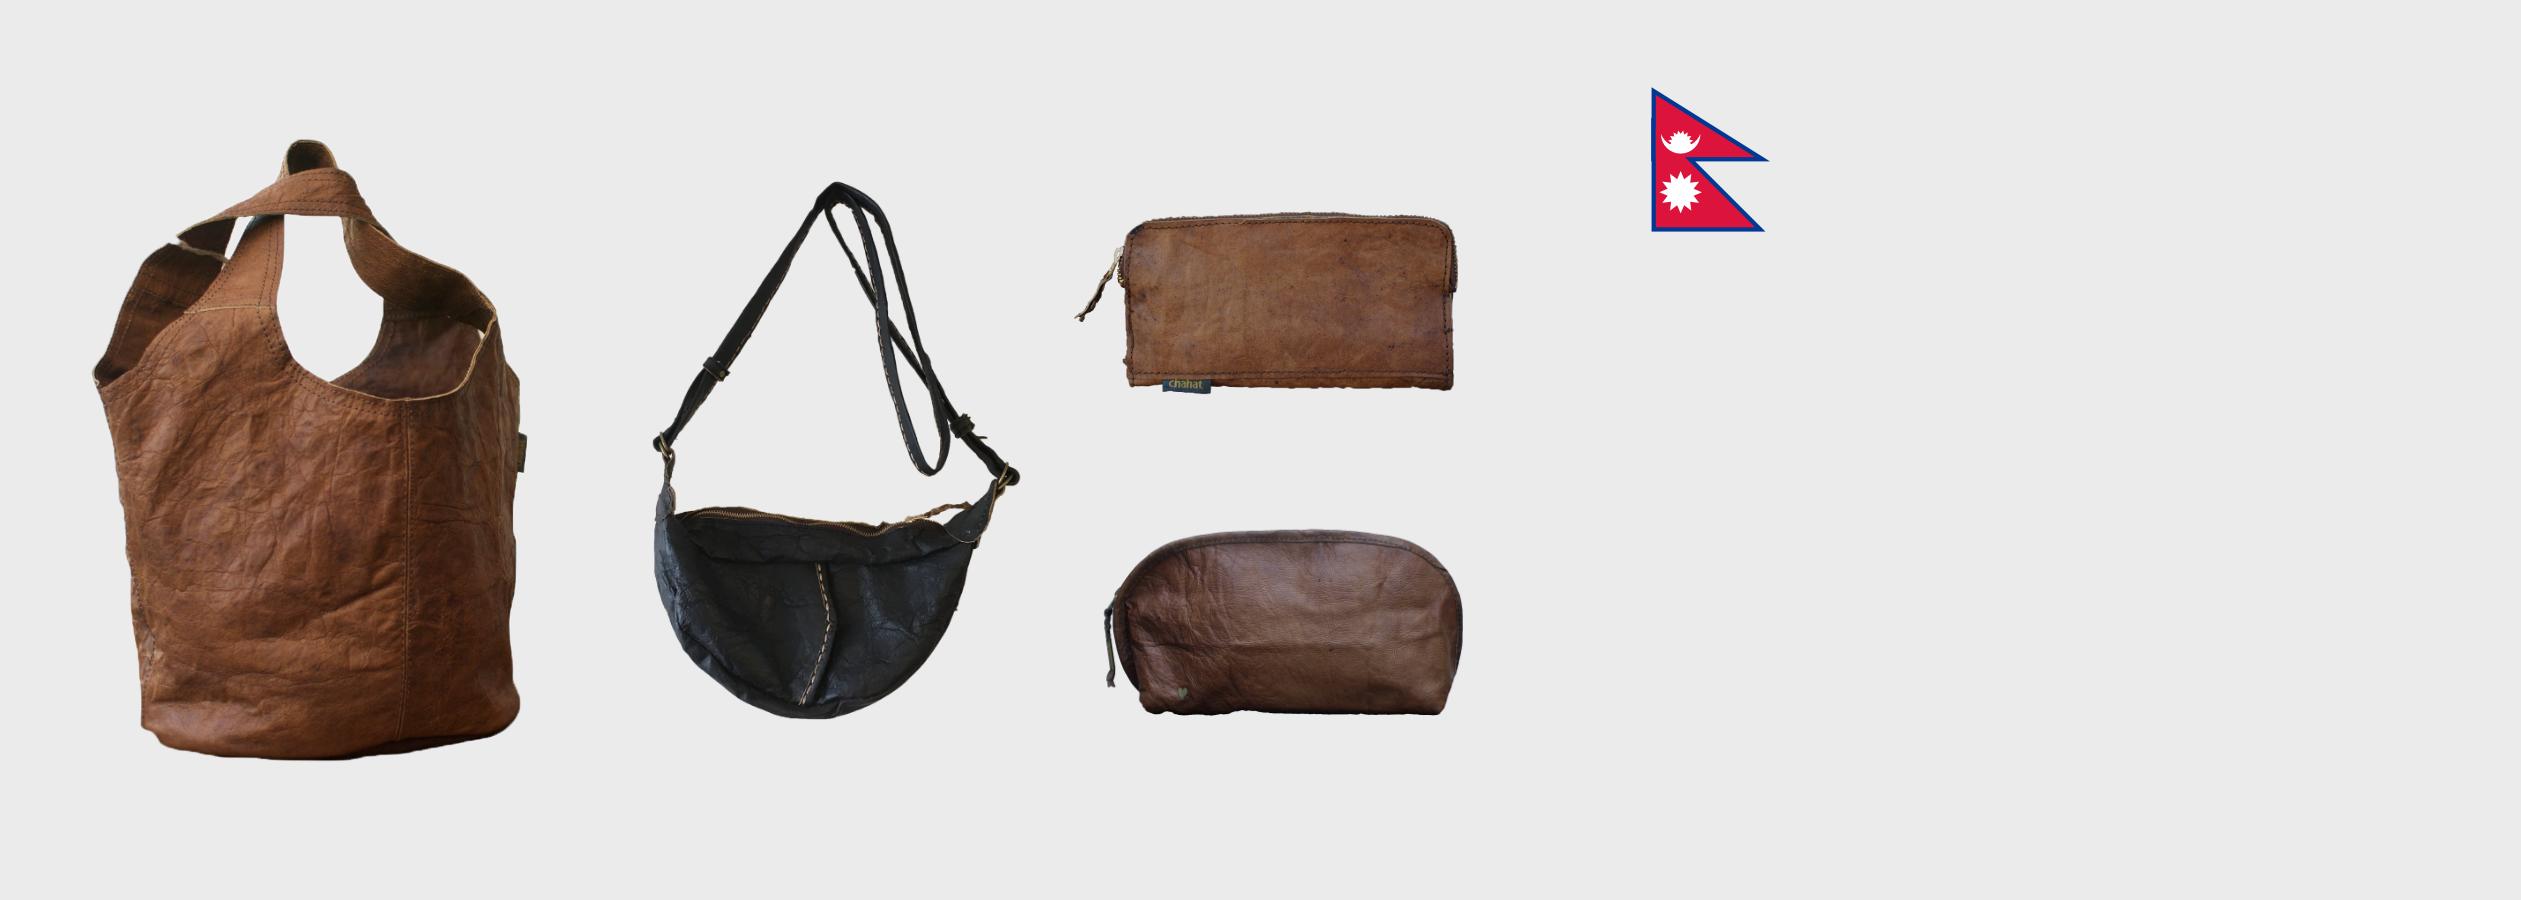 ビレッジレザーのバッグ展